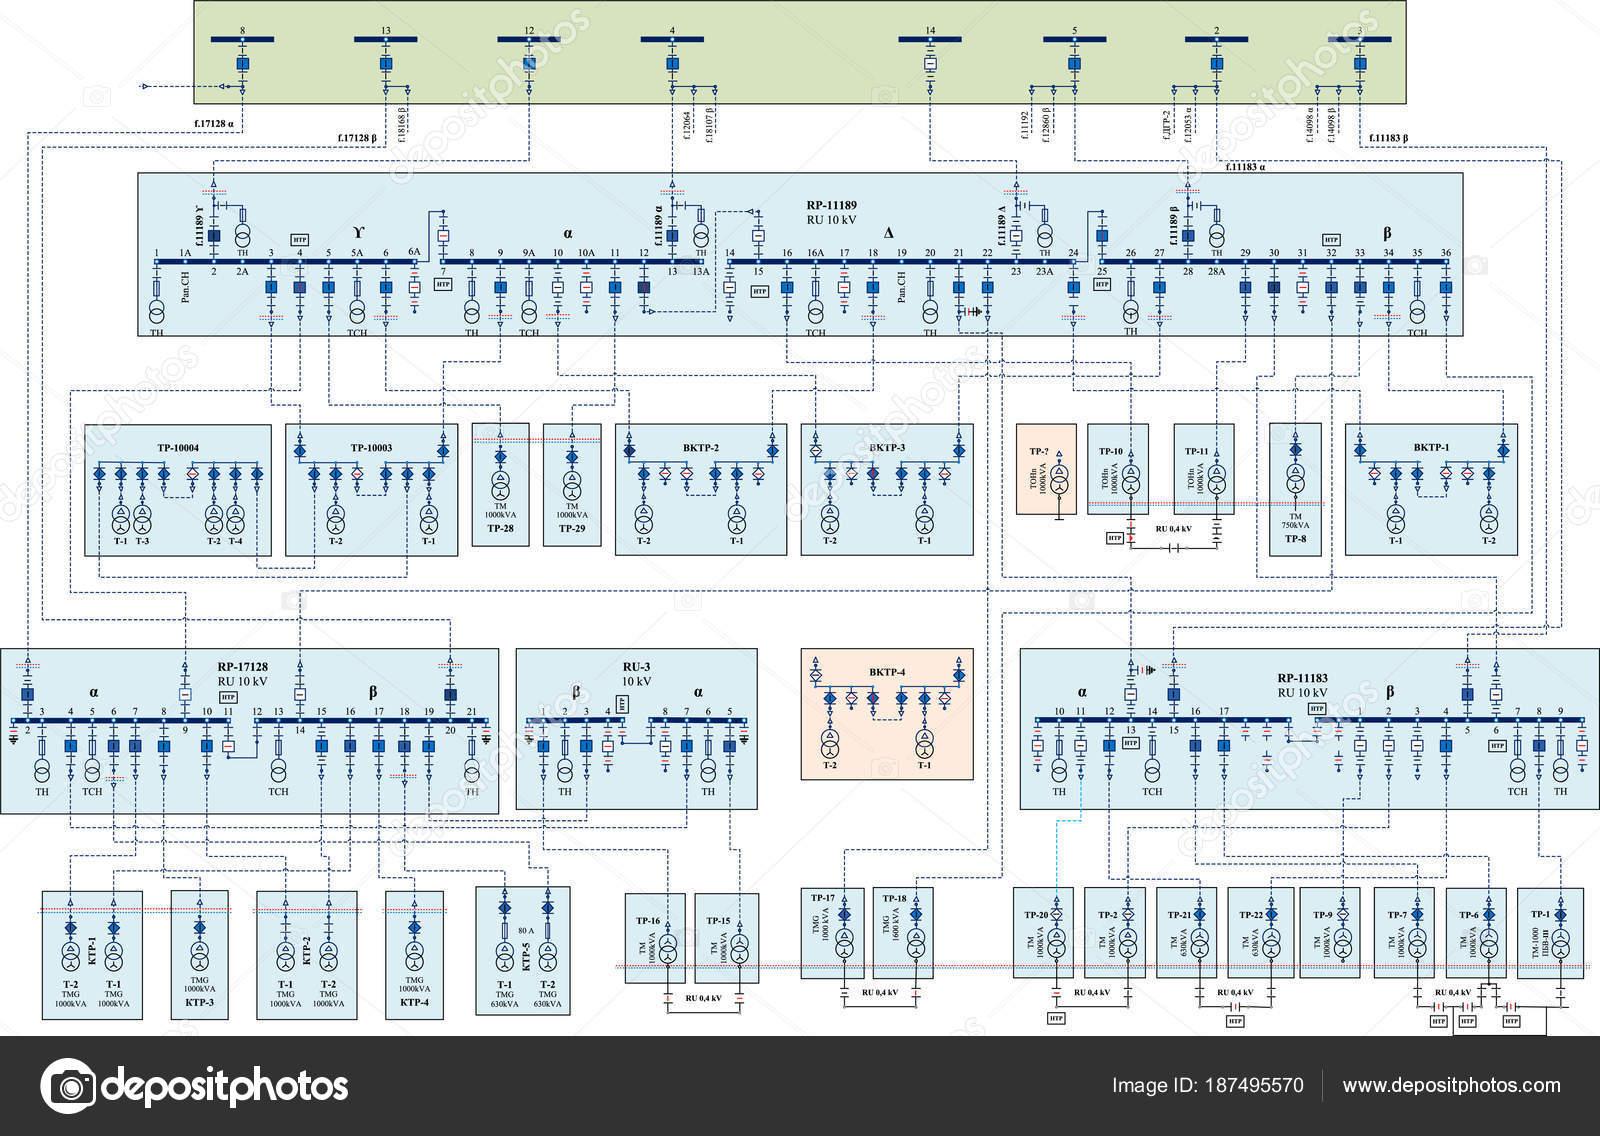 Großartig Schaltplan Für Solarstrominstallation Bilder - Der ...